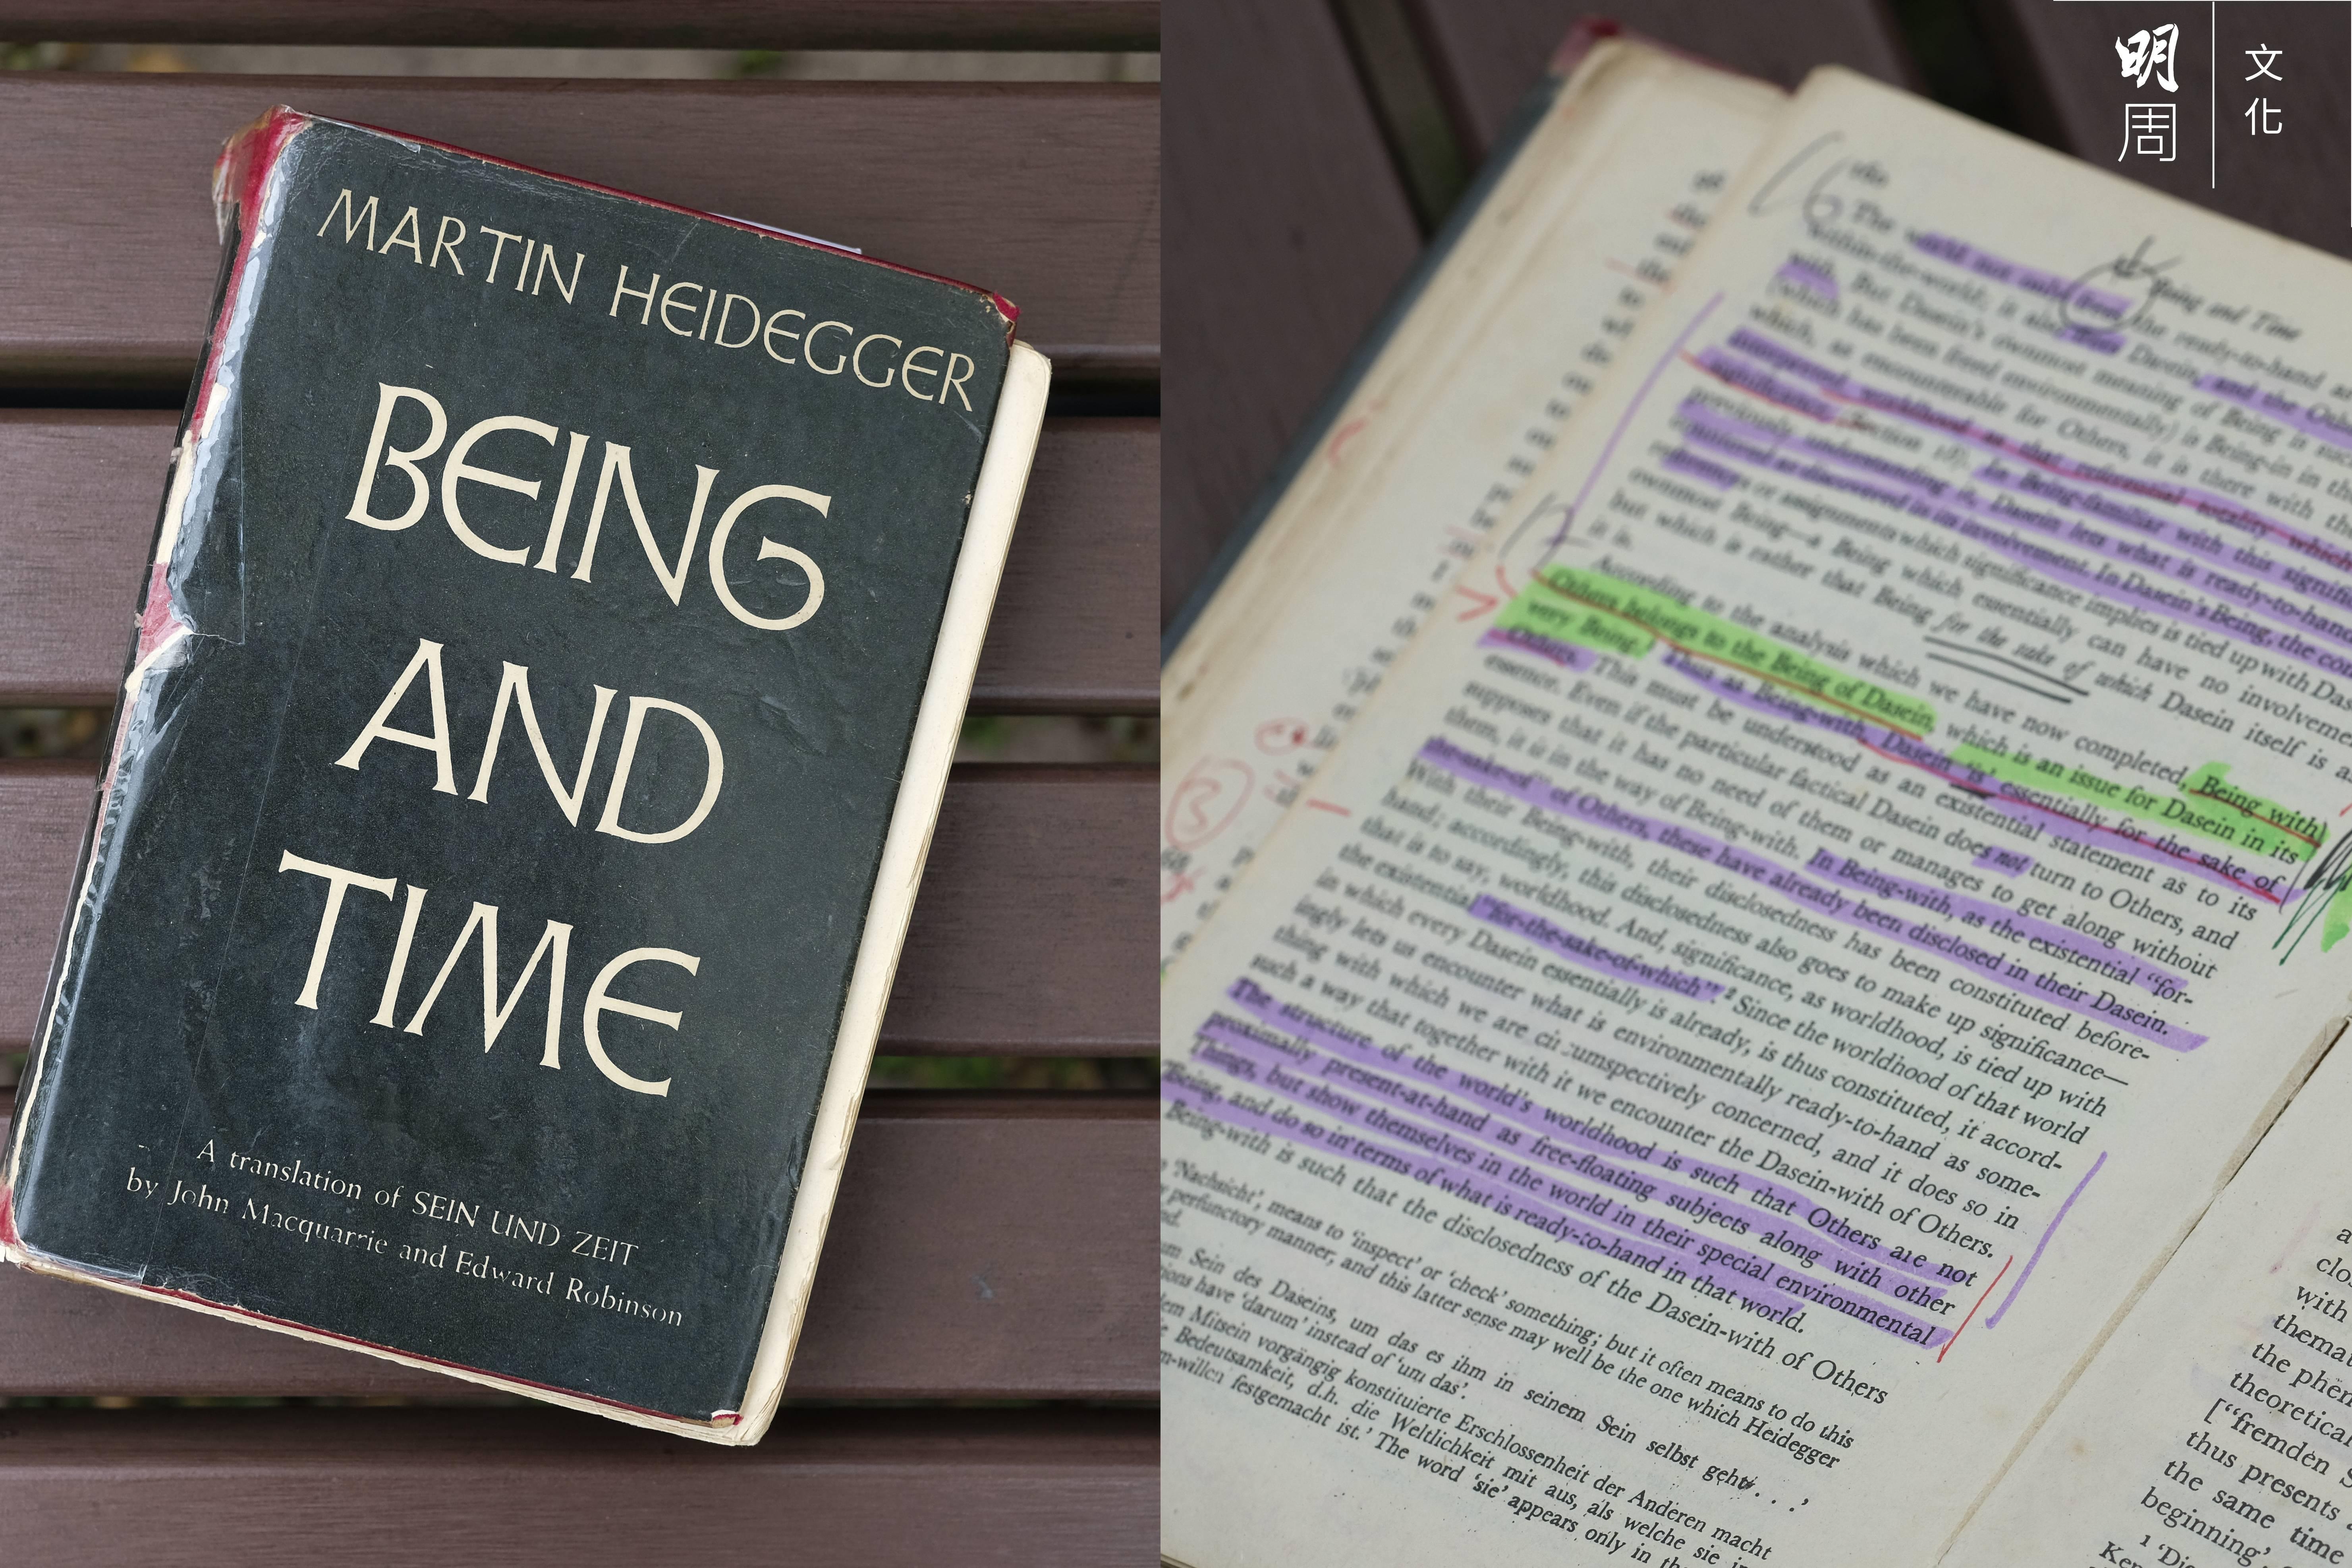 德國哲學家海德格的《存在與時間》對張燦輝思想發展影響尤深,他翻讀此書無數次,每頁都做了大量筆記,用螢光筆做標註。